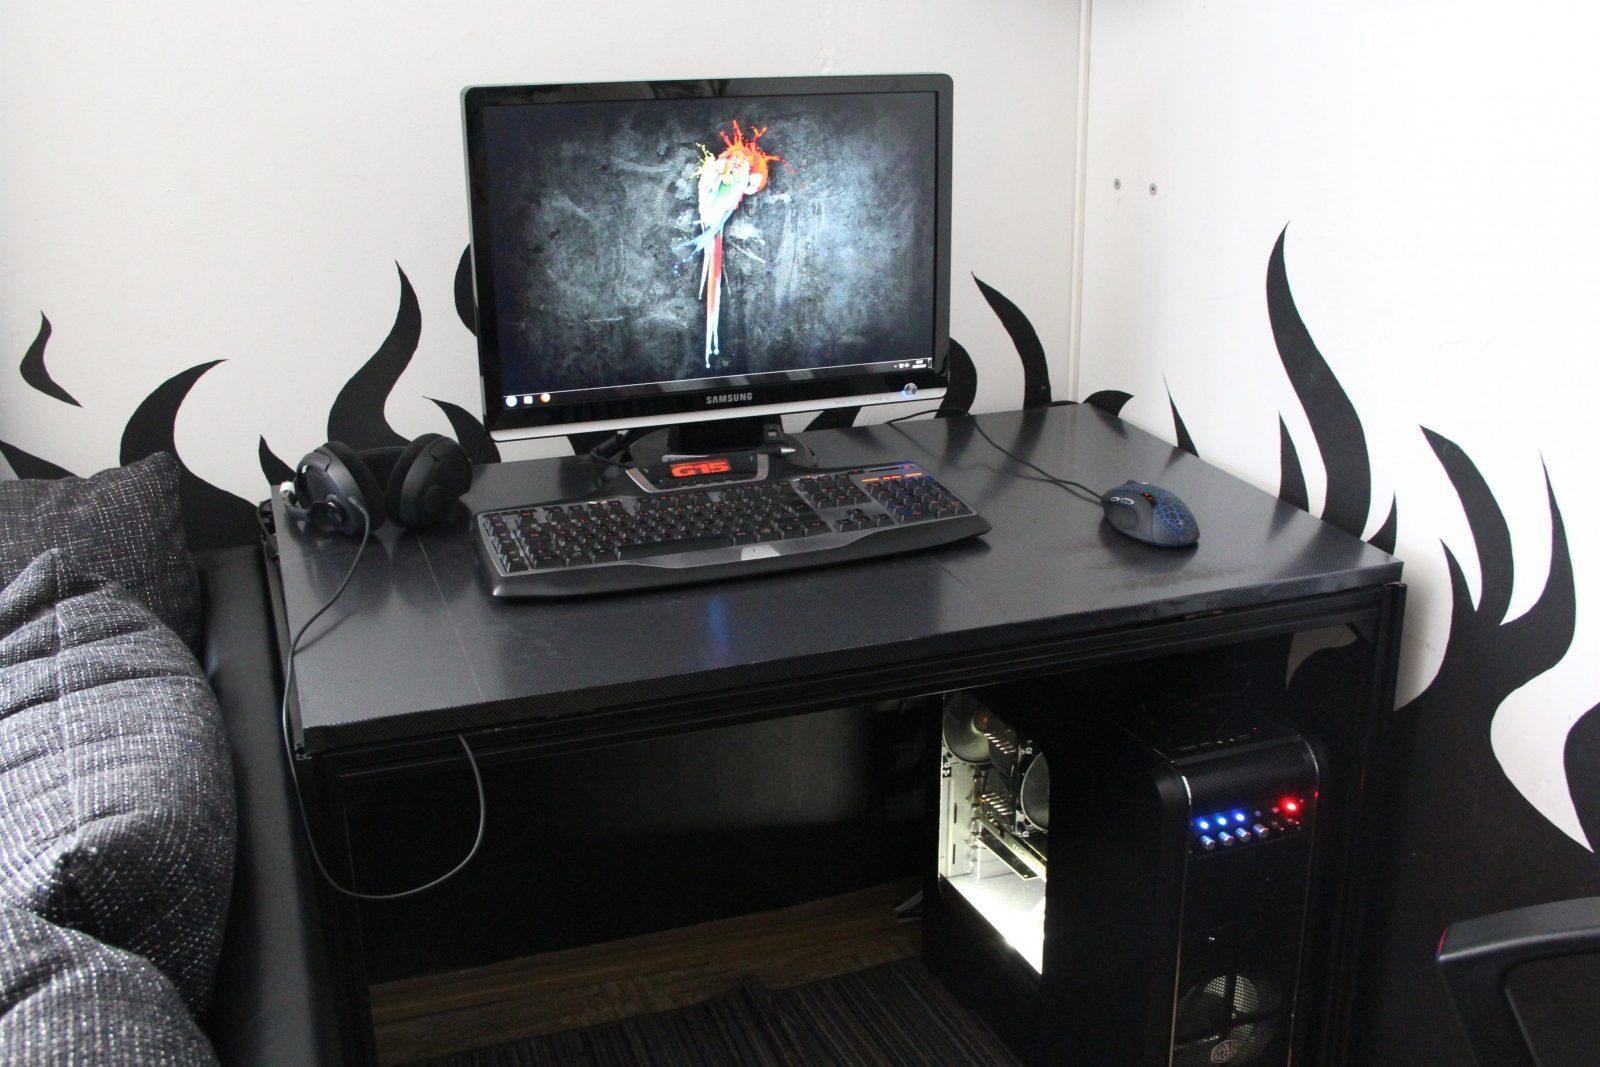 Pc Schreibtisch Elegant Dekor Über Pc Schreibtisch Ideen Ehrf von Computer Schreibtisch Selber Bauen Bild